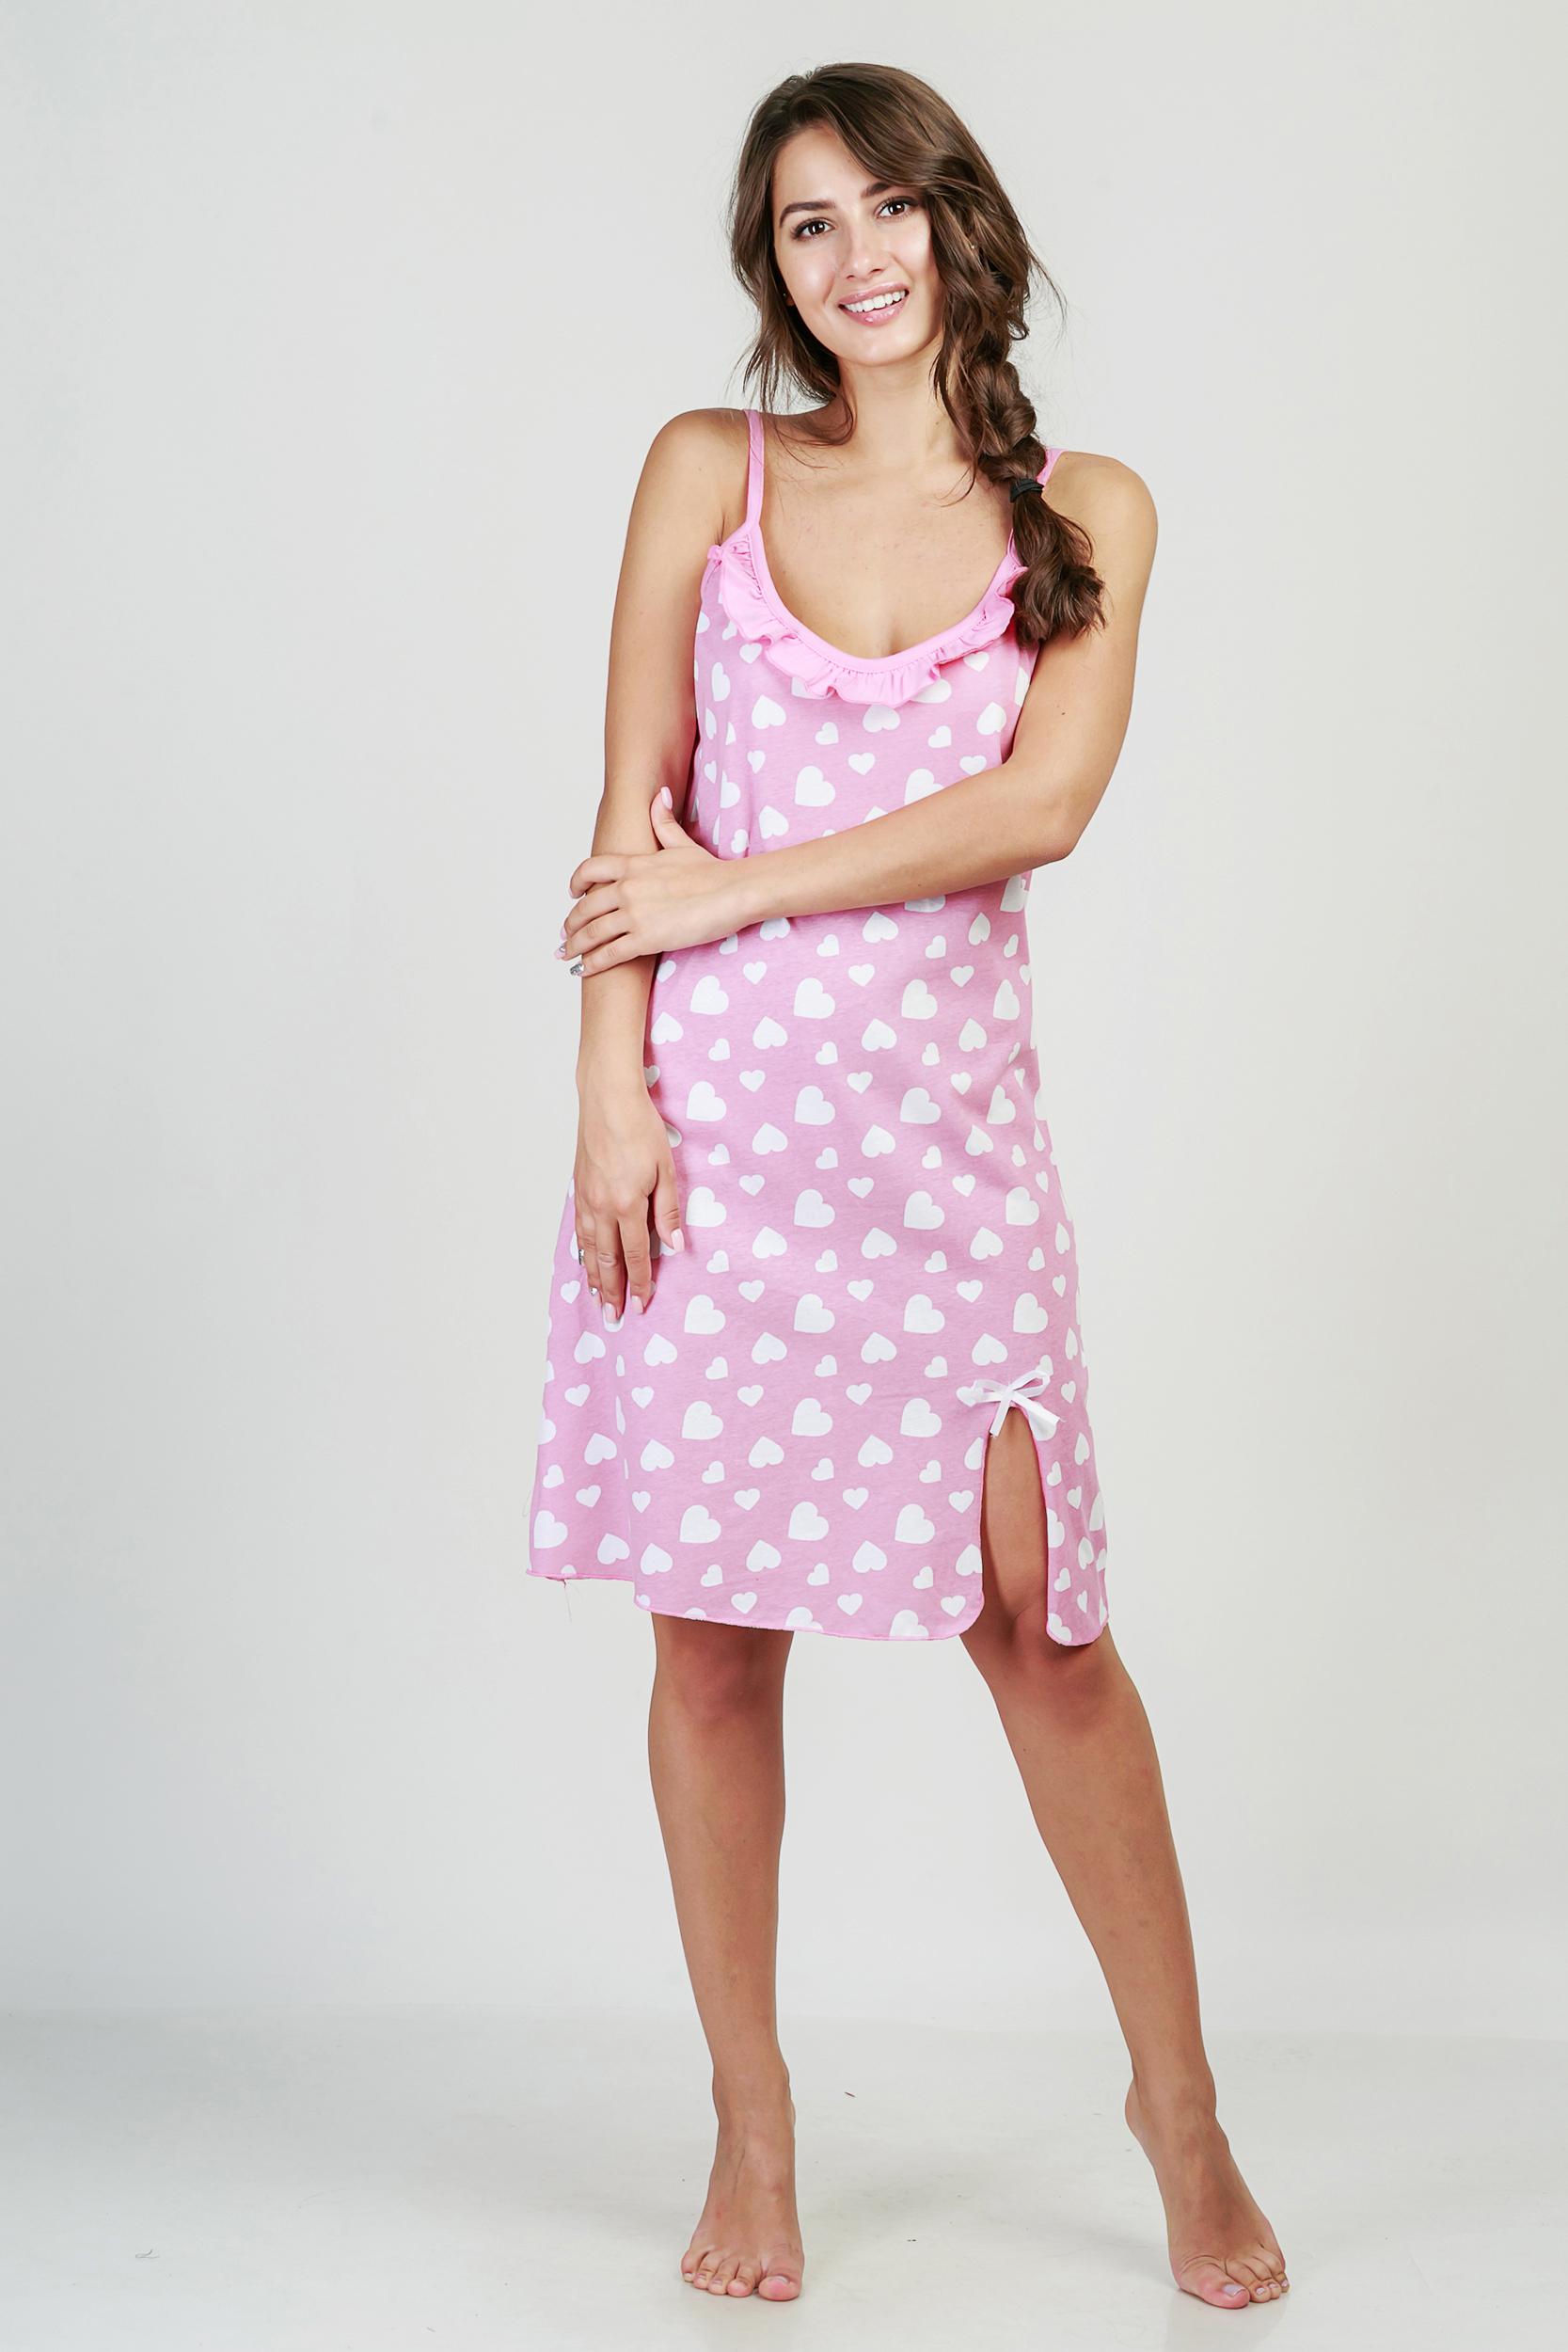 Ночные сорочки Pastilla Ночная сорочка Афродита Цвет: Брусничный (L-xL) сорочка ночная для беременных и кормящих мамин дом mojito цвет мятный 24127 размер 50